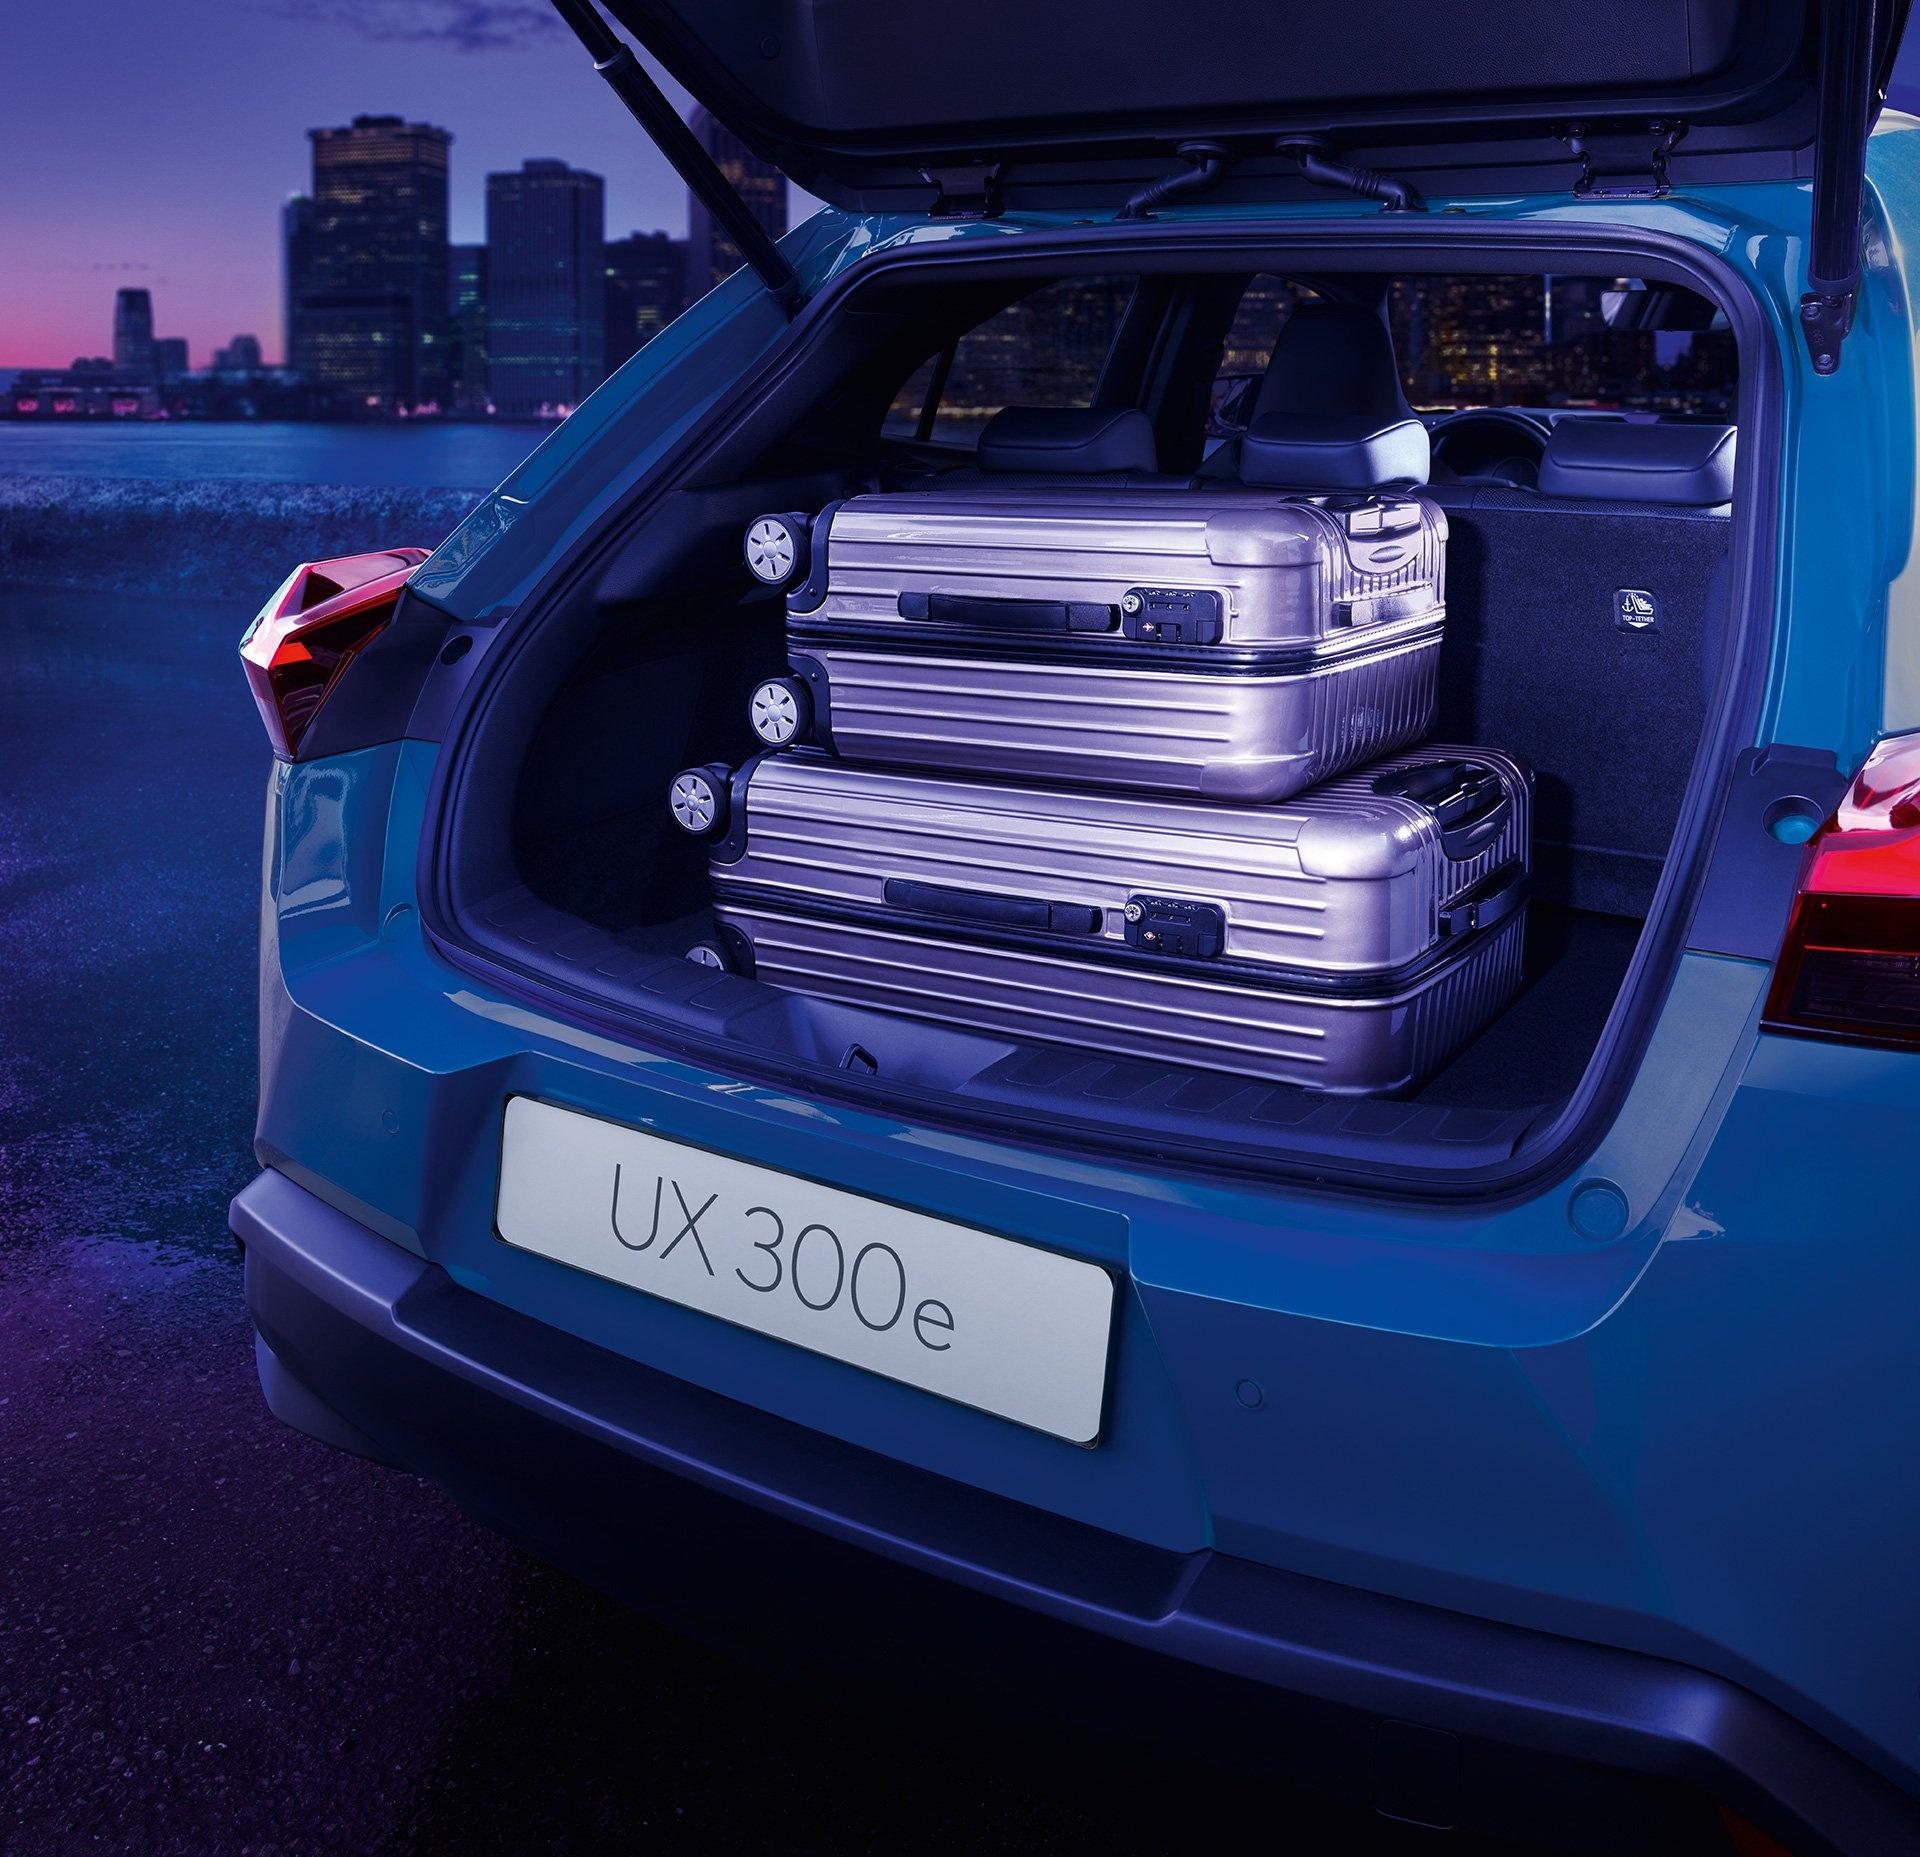 UX 300e - xe dien dau tien cua Lexus ra mat the gioi hinh anh 19